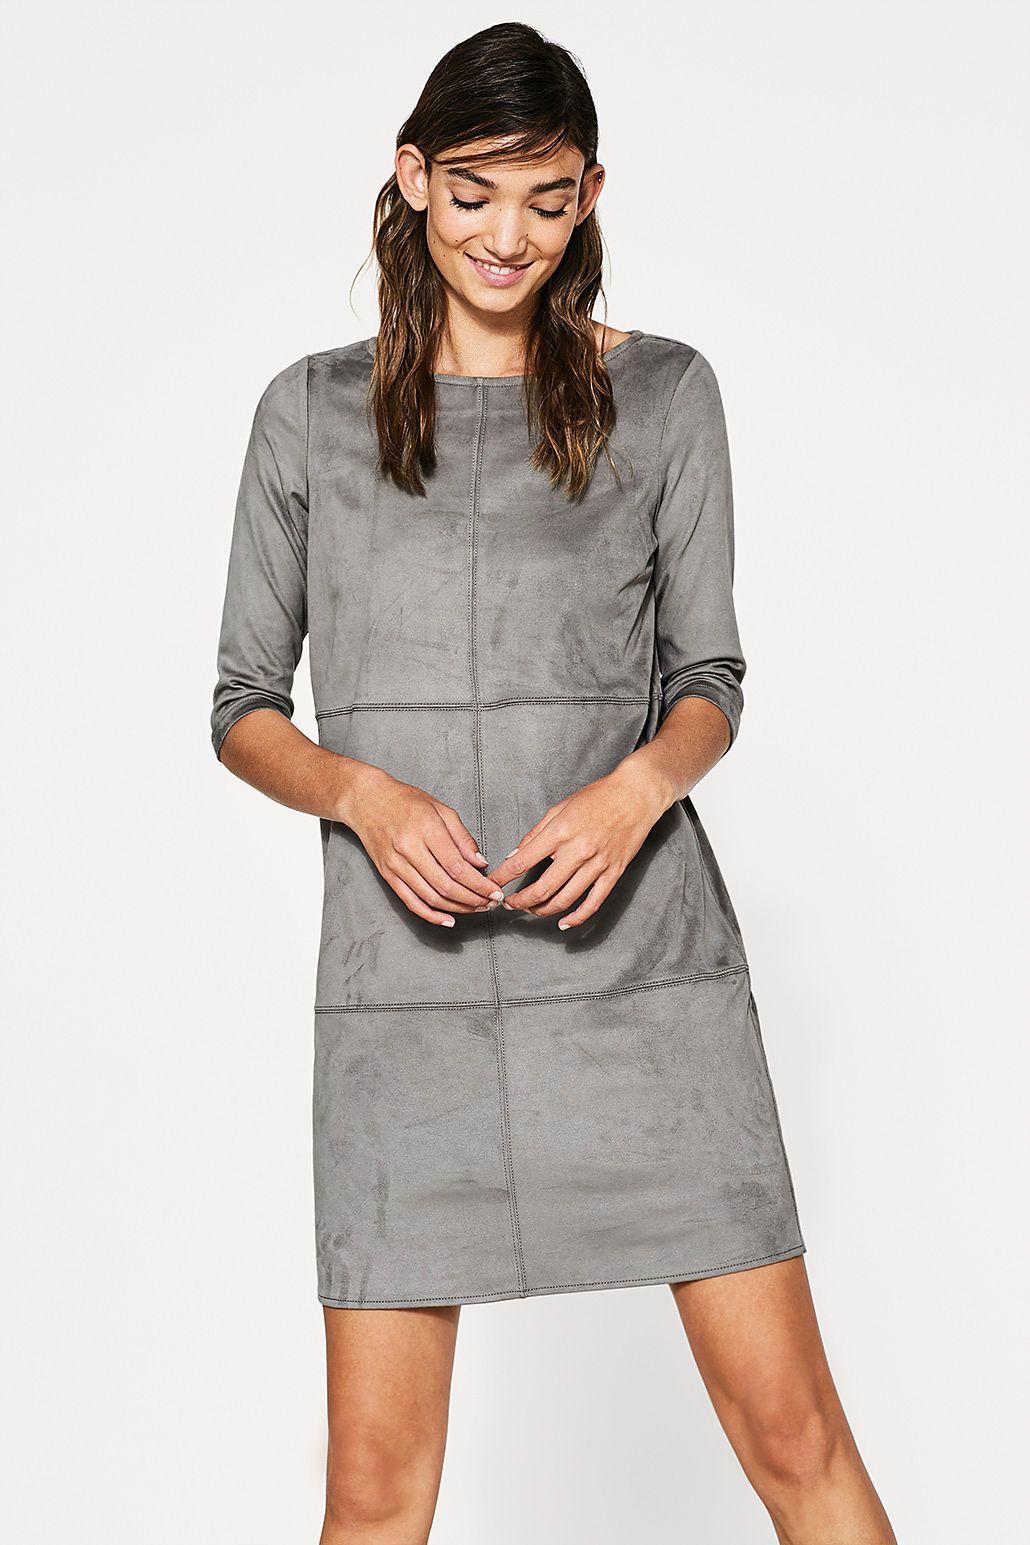 af5a4786 Esprit - Kjole i blødt velourlook | AW 18/19 QR | Dresses, Fashion ...